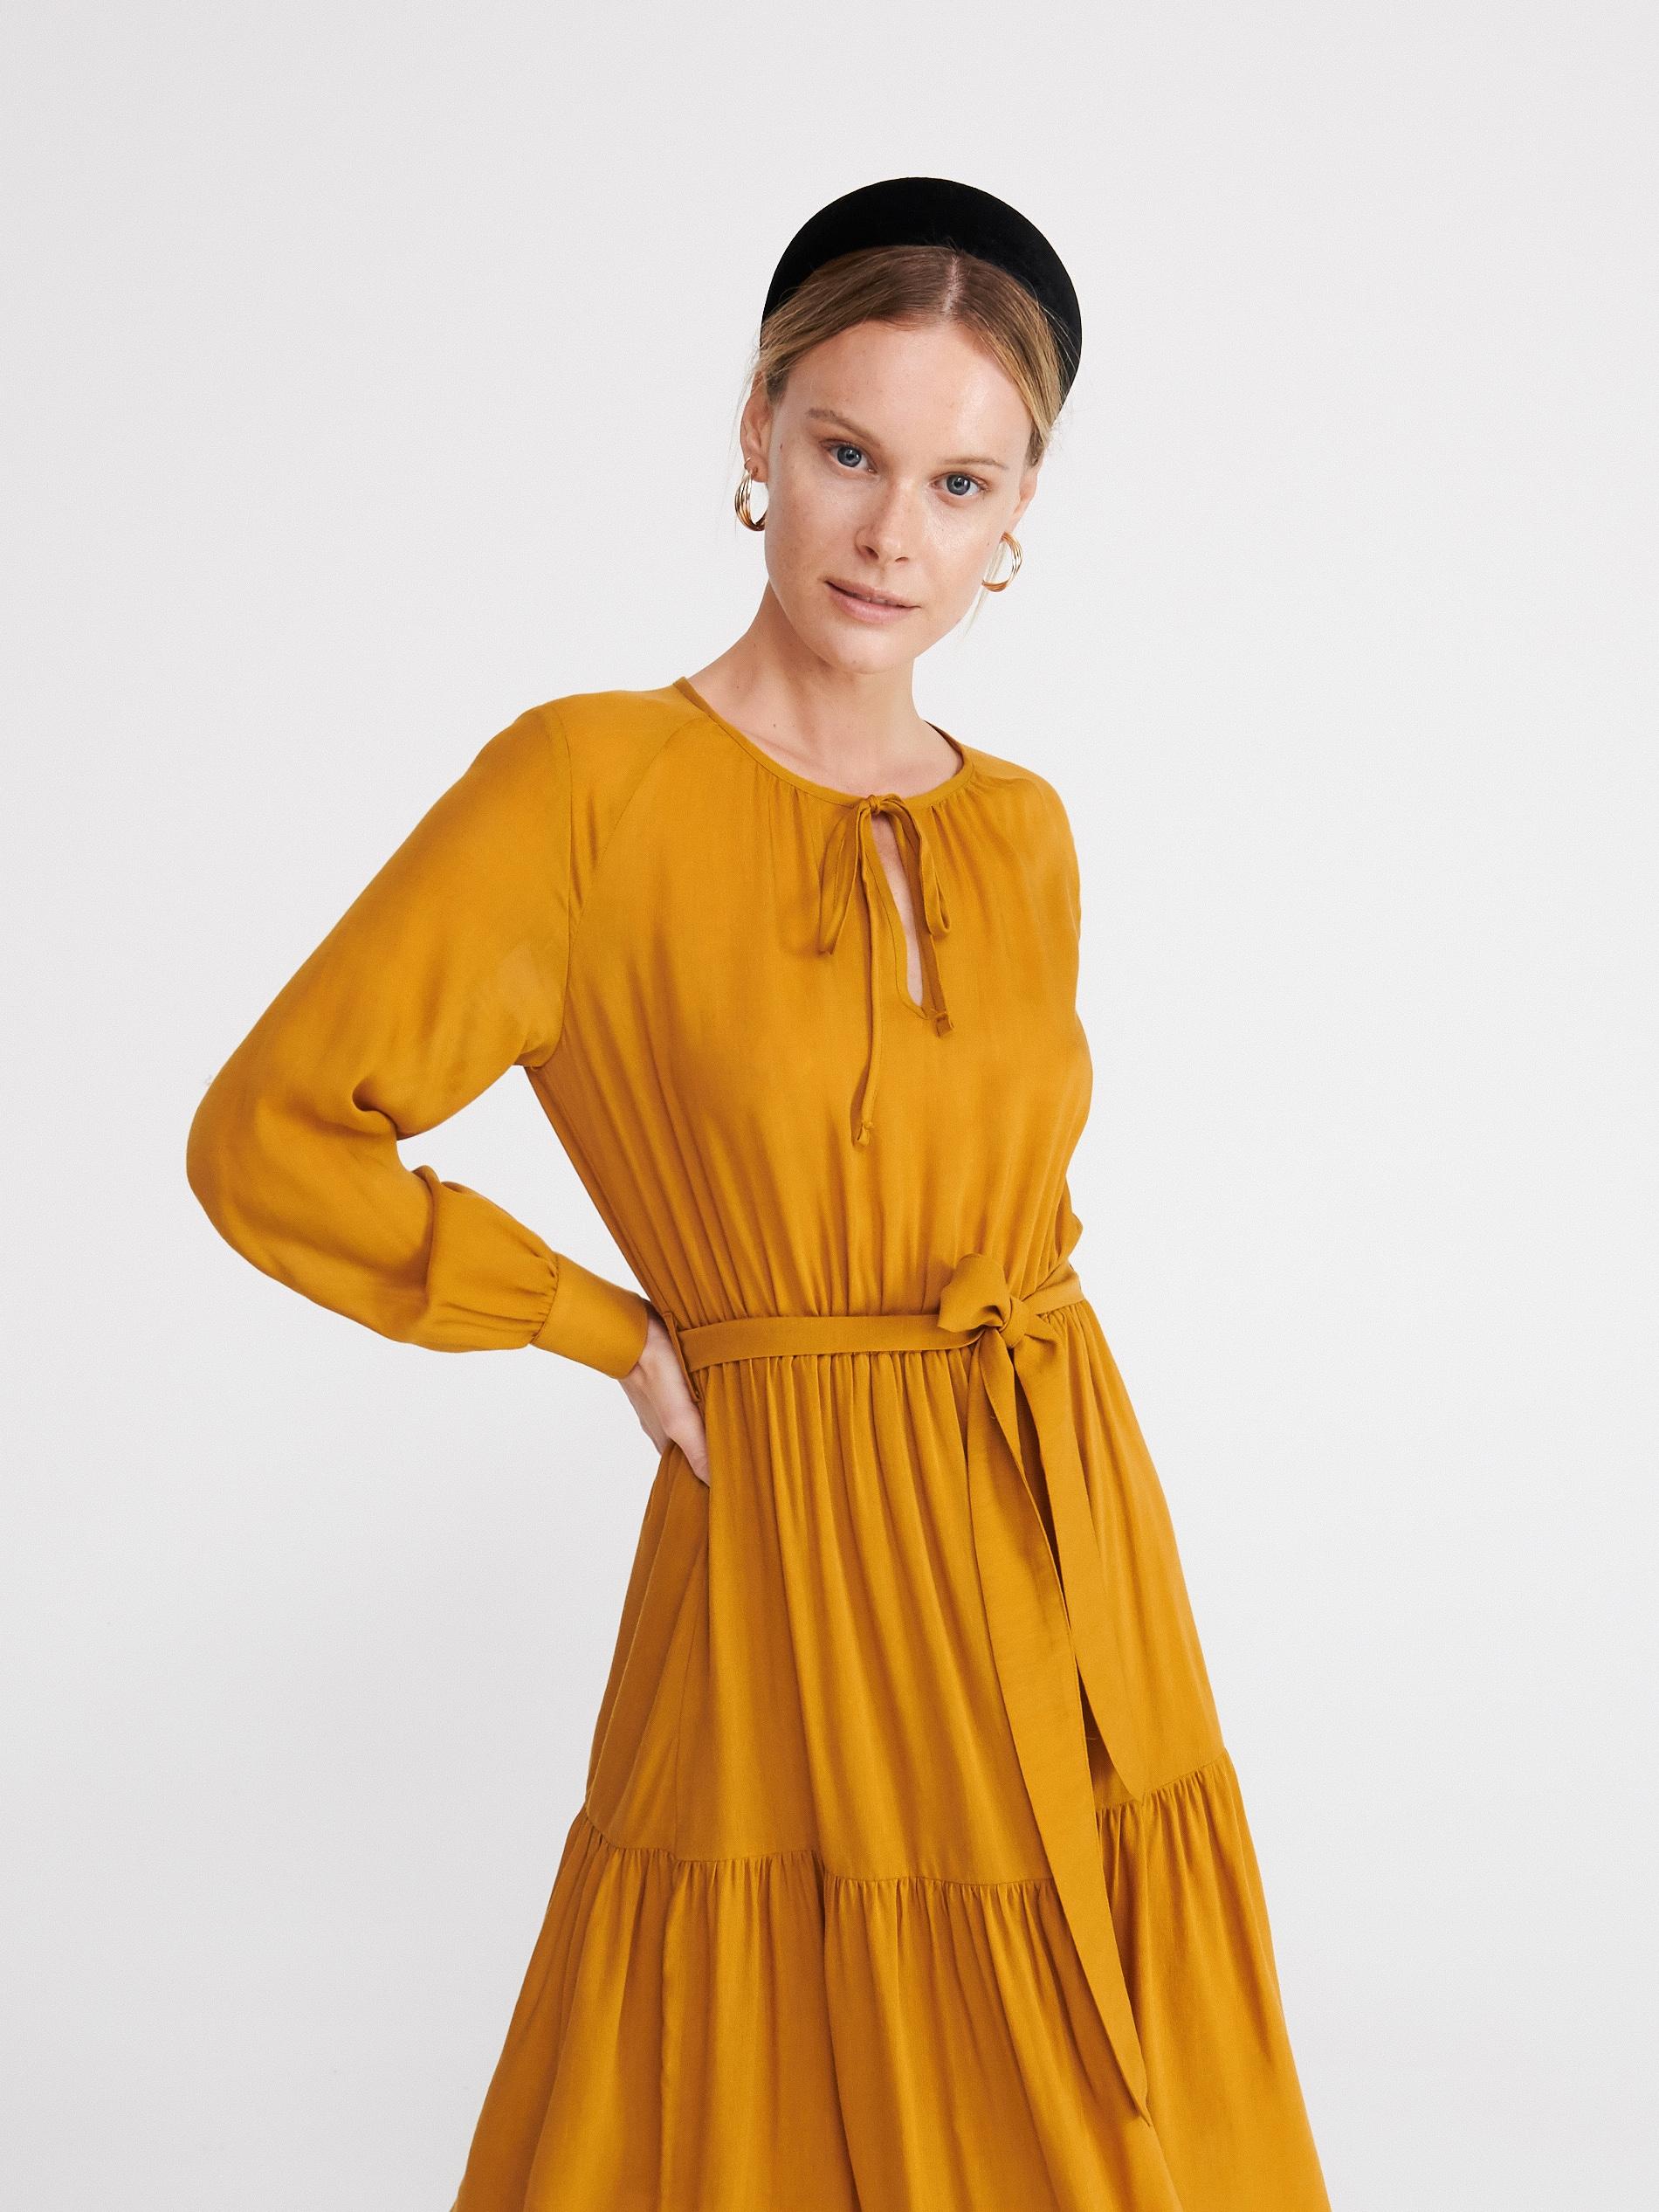 Musztardowa sukienka - żółty - XR782-18X - RESERVED - 3